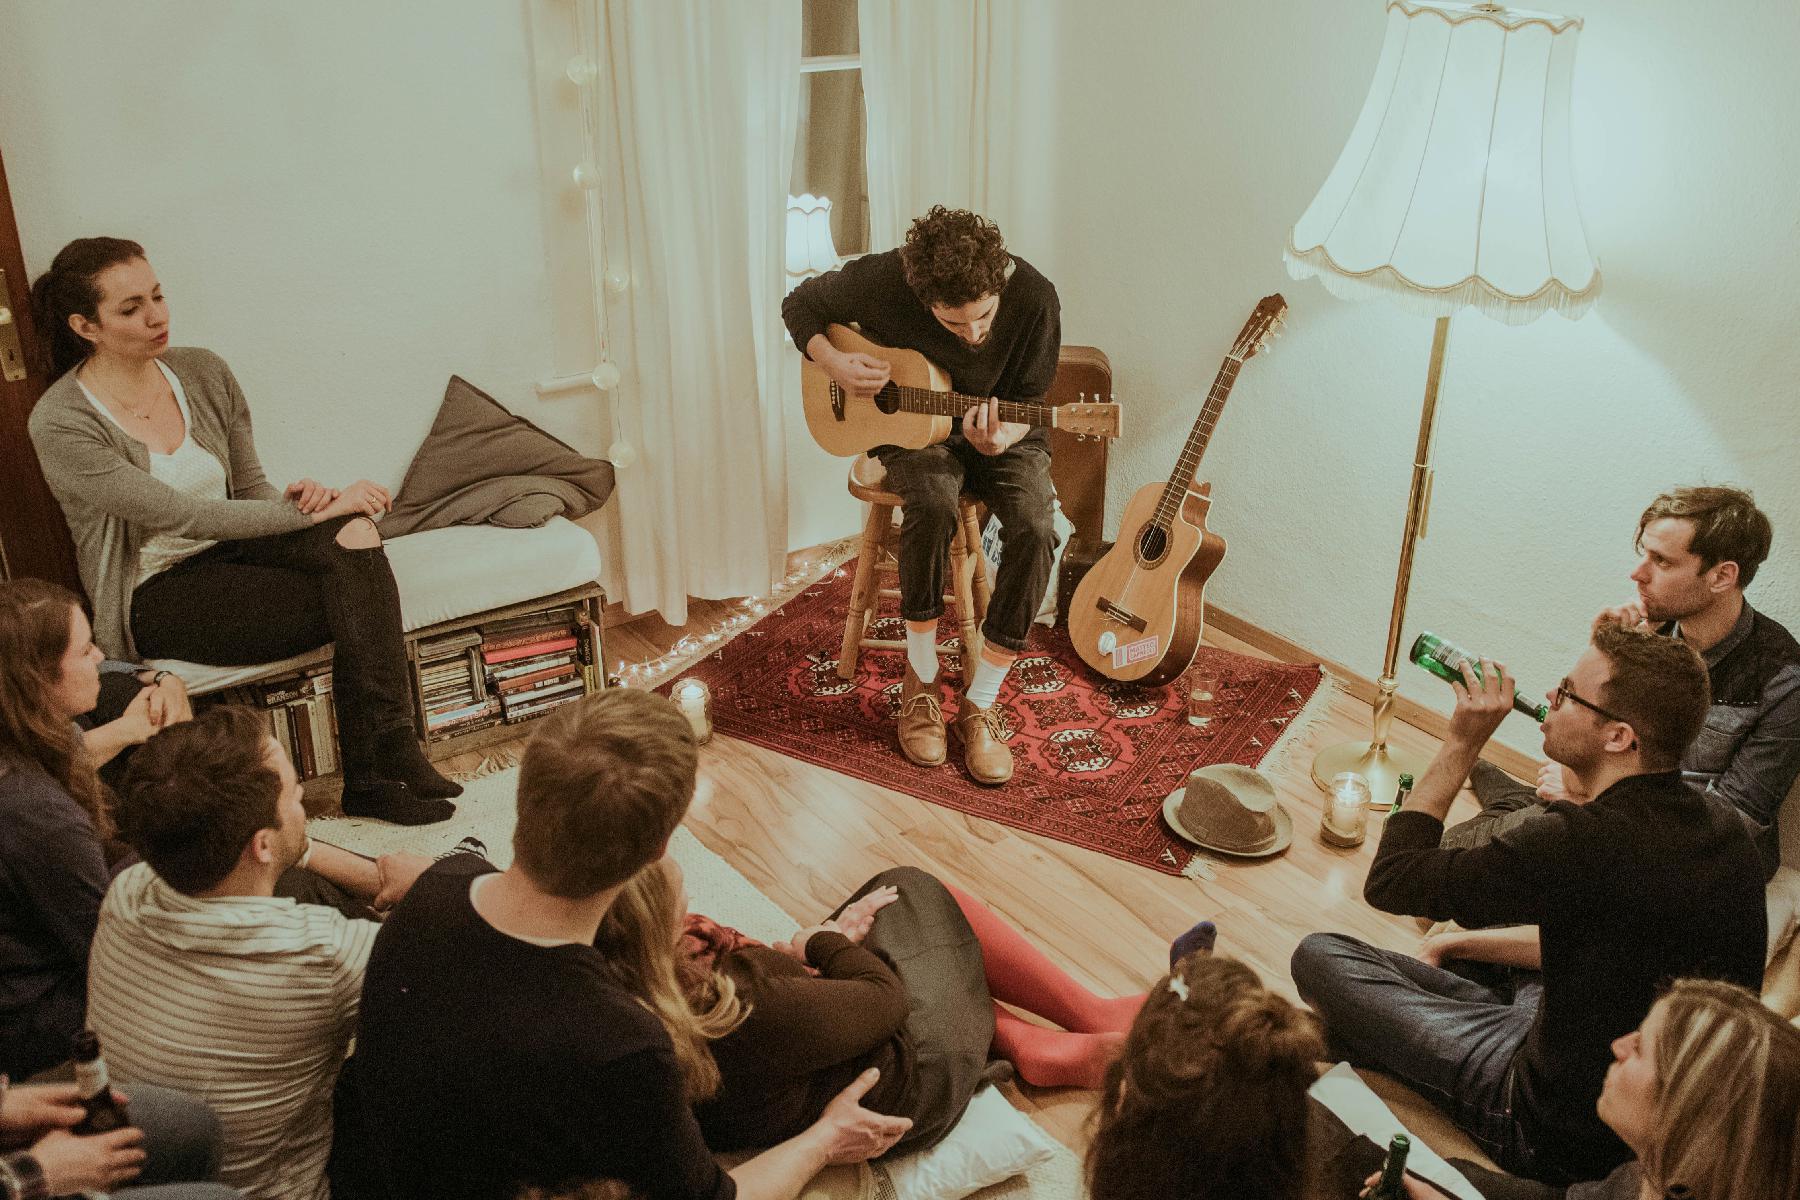 Matteo im Wohnzimmer beim Konzert - 2